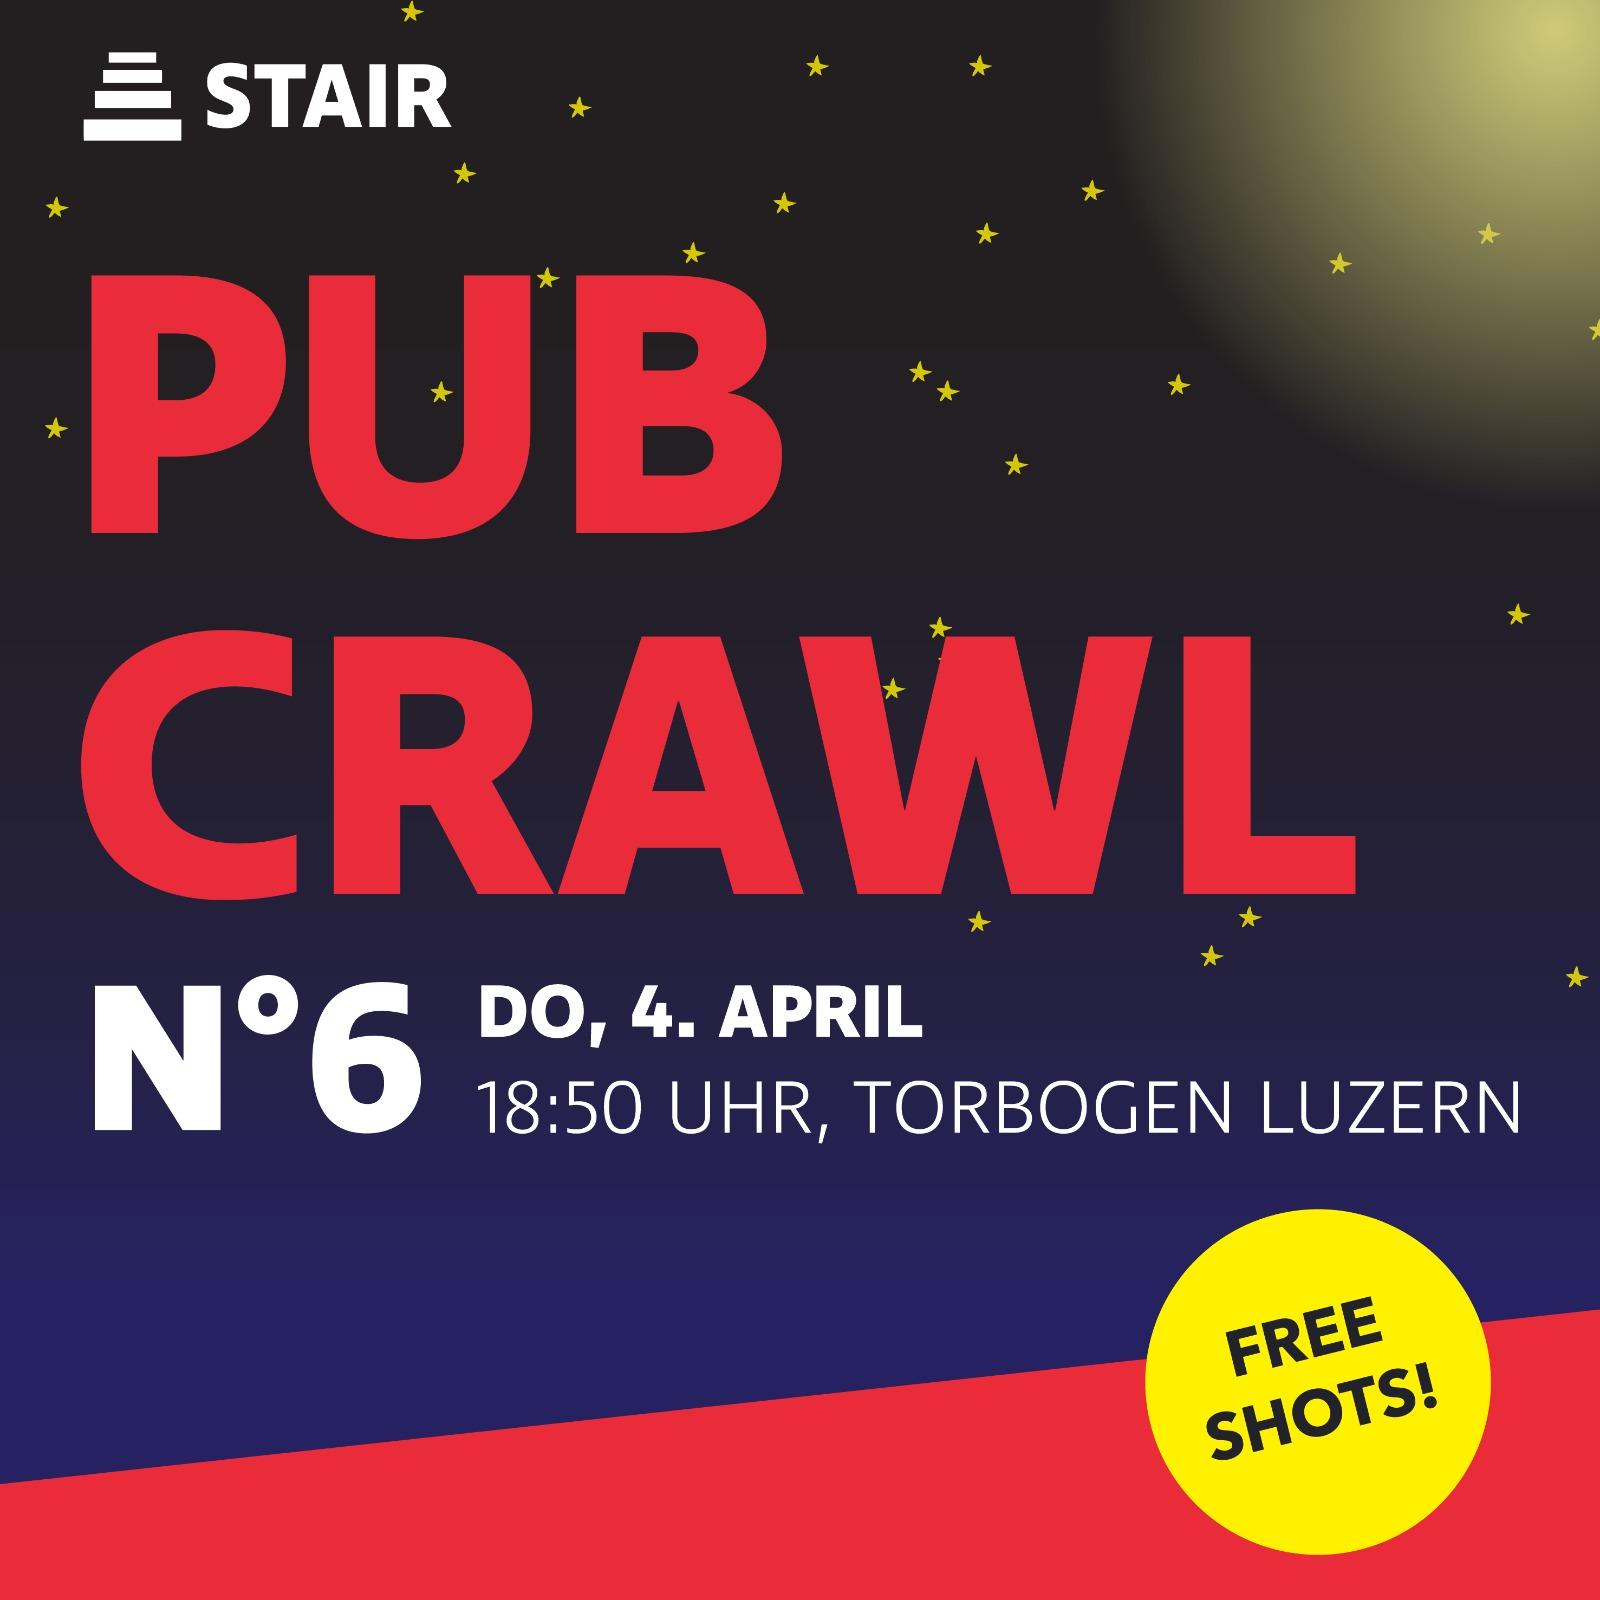 Pub Crawl #6